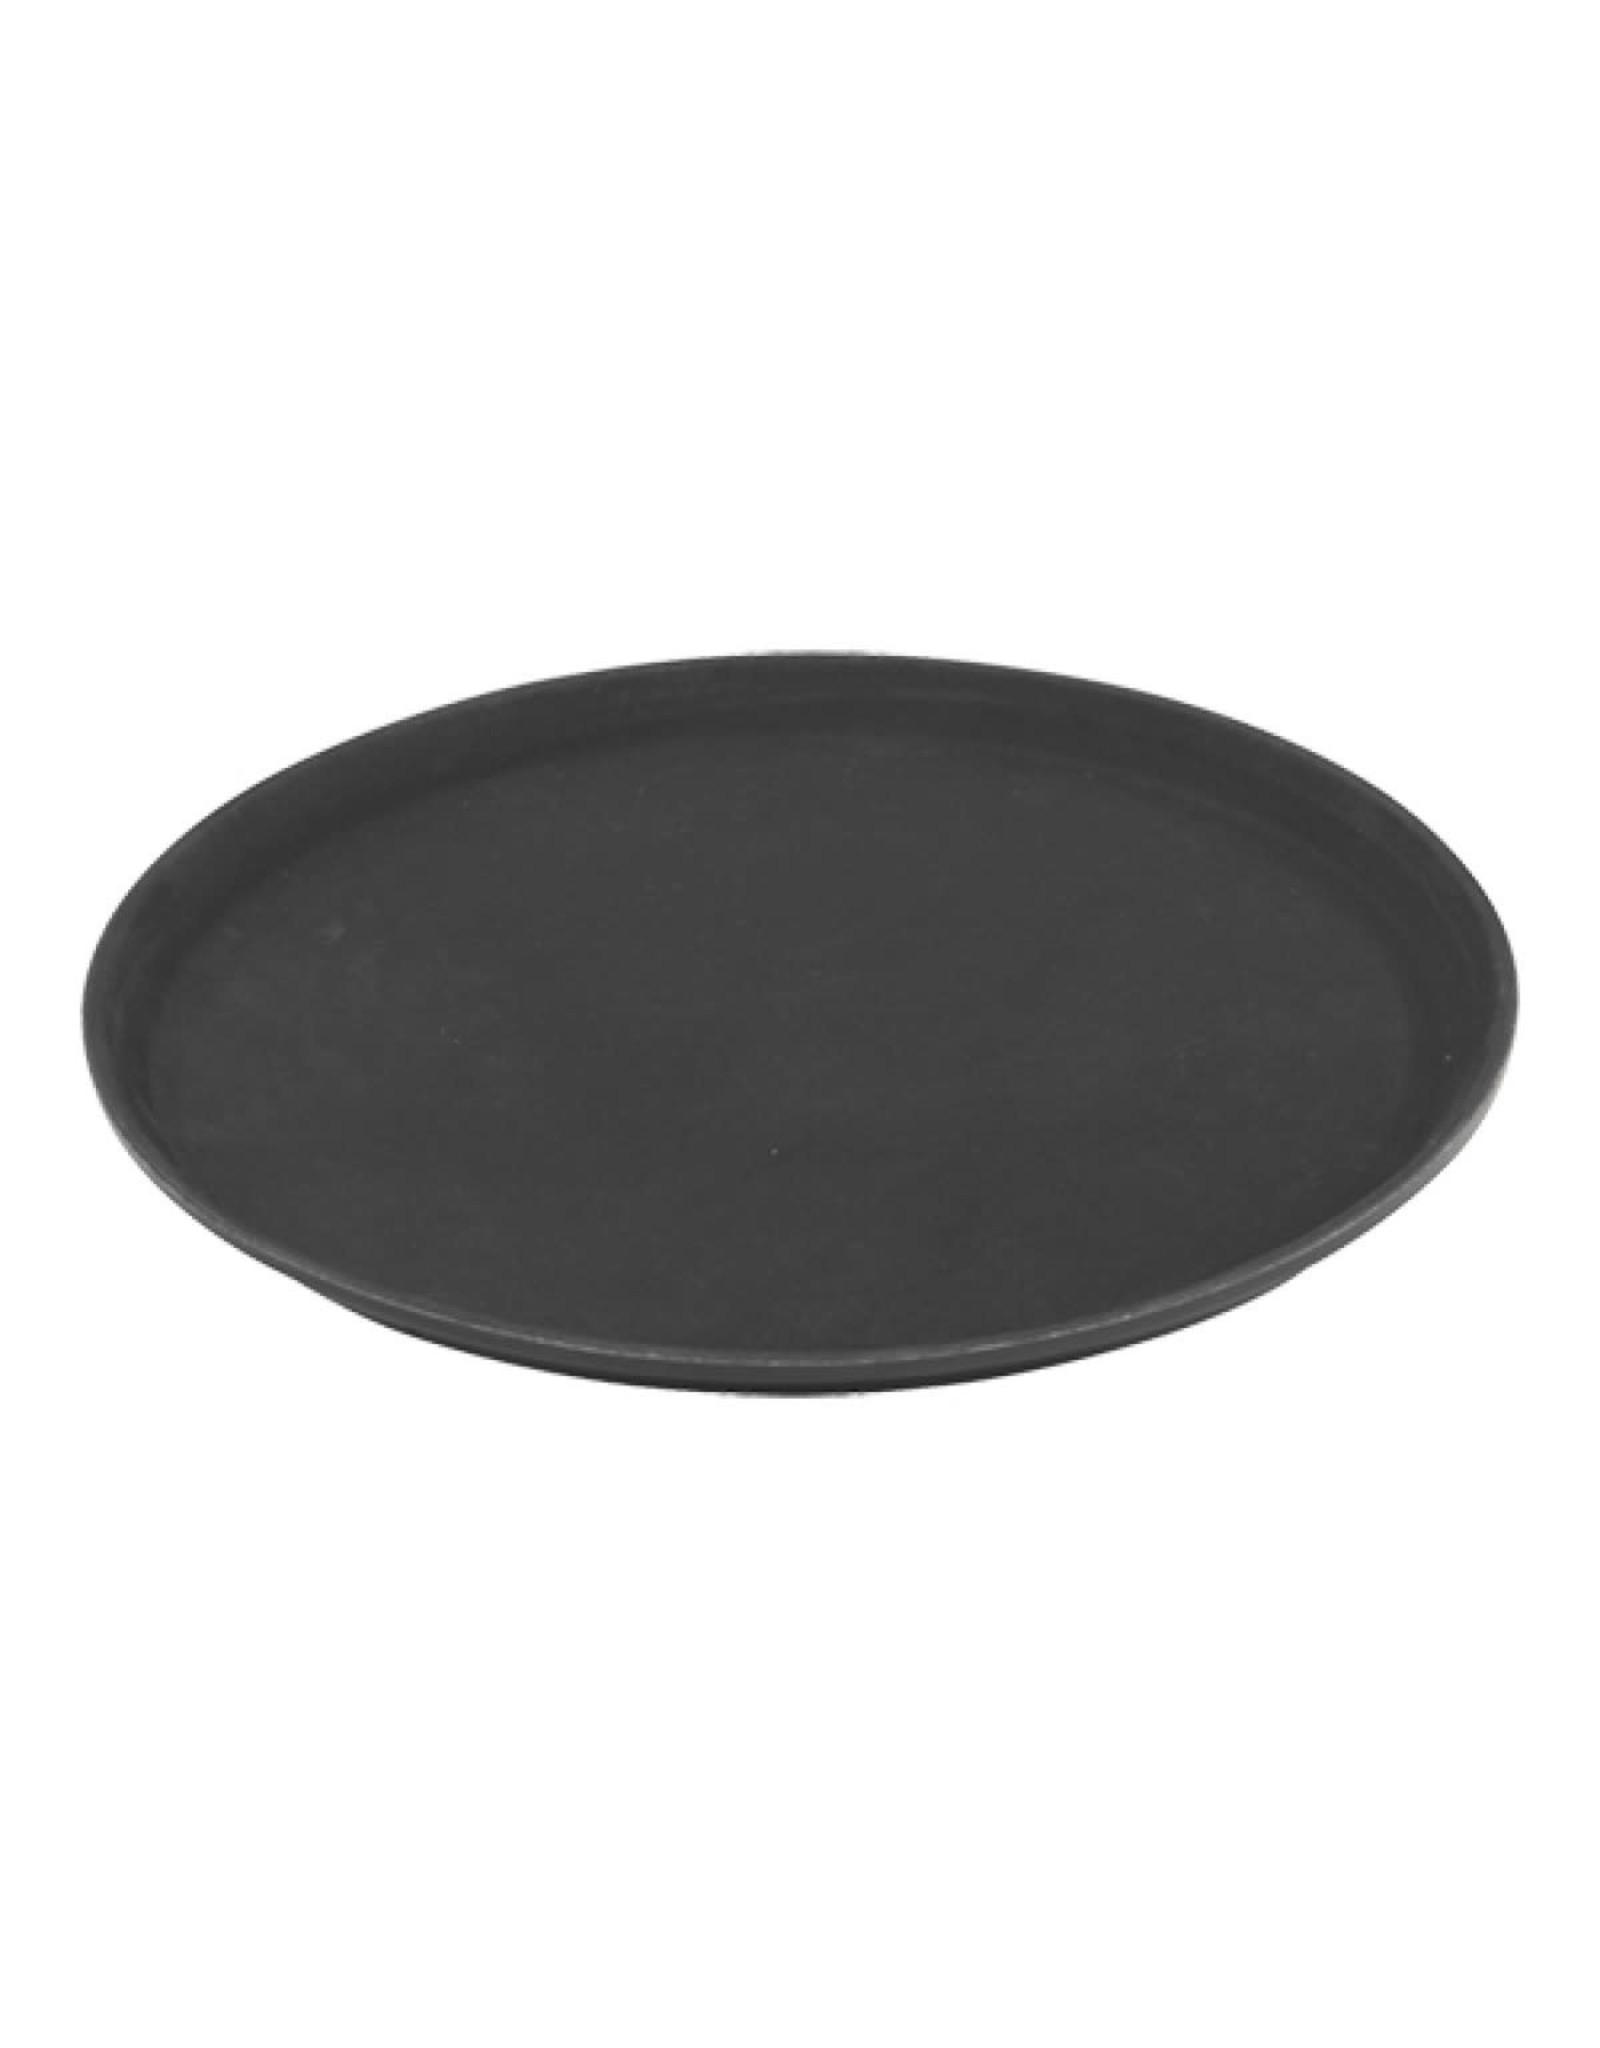 Dienblad anti-slip rond zwart 36cm